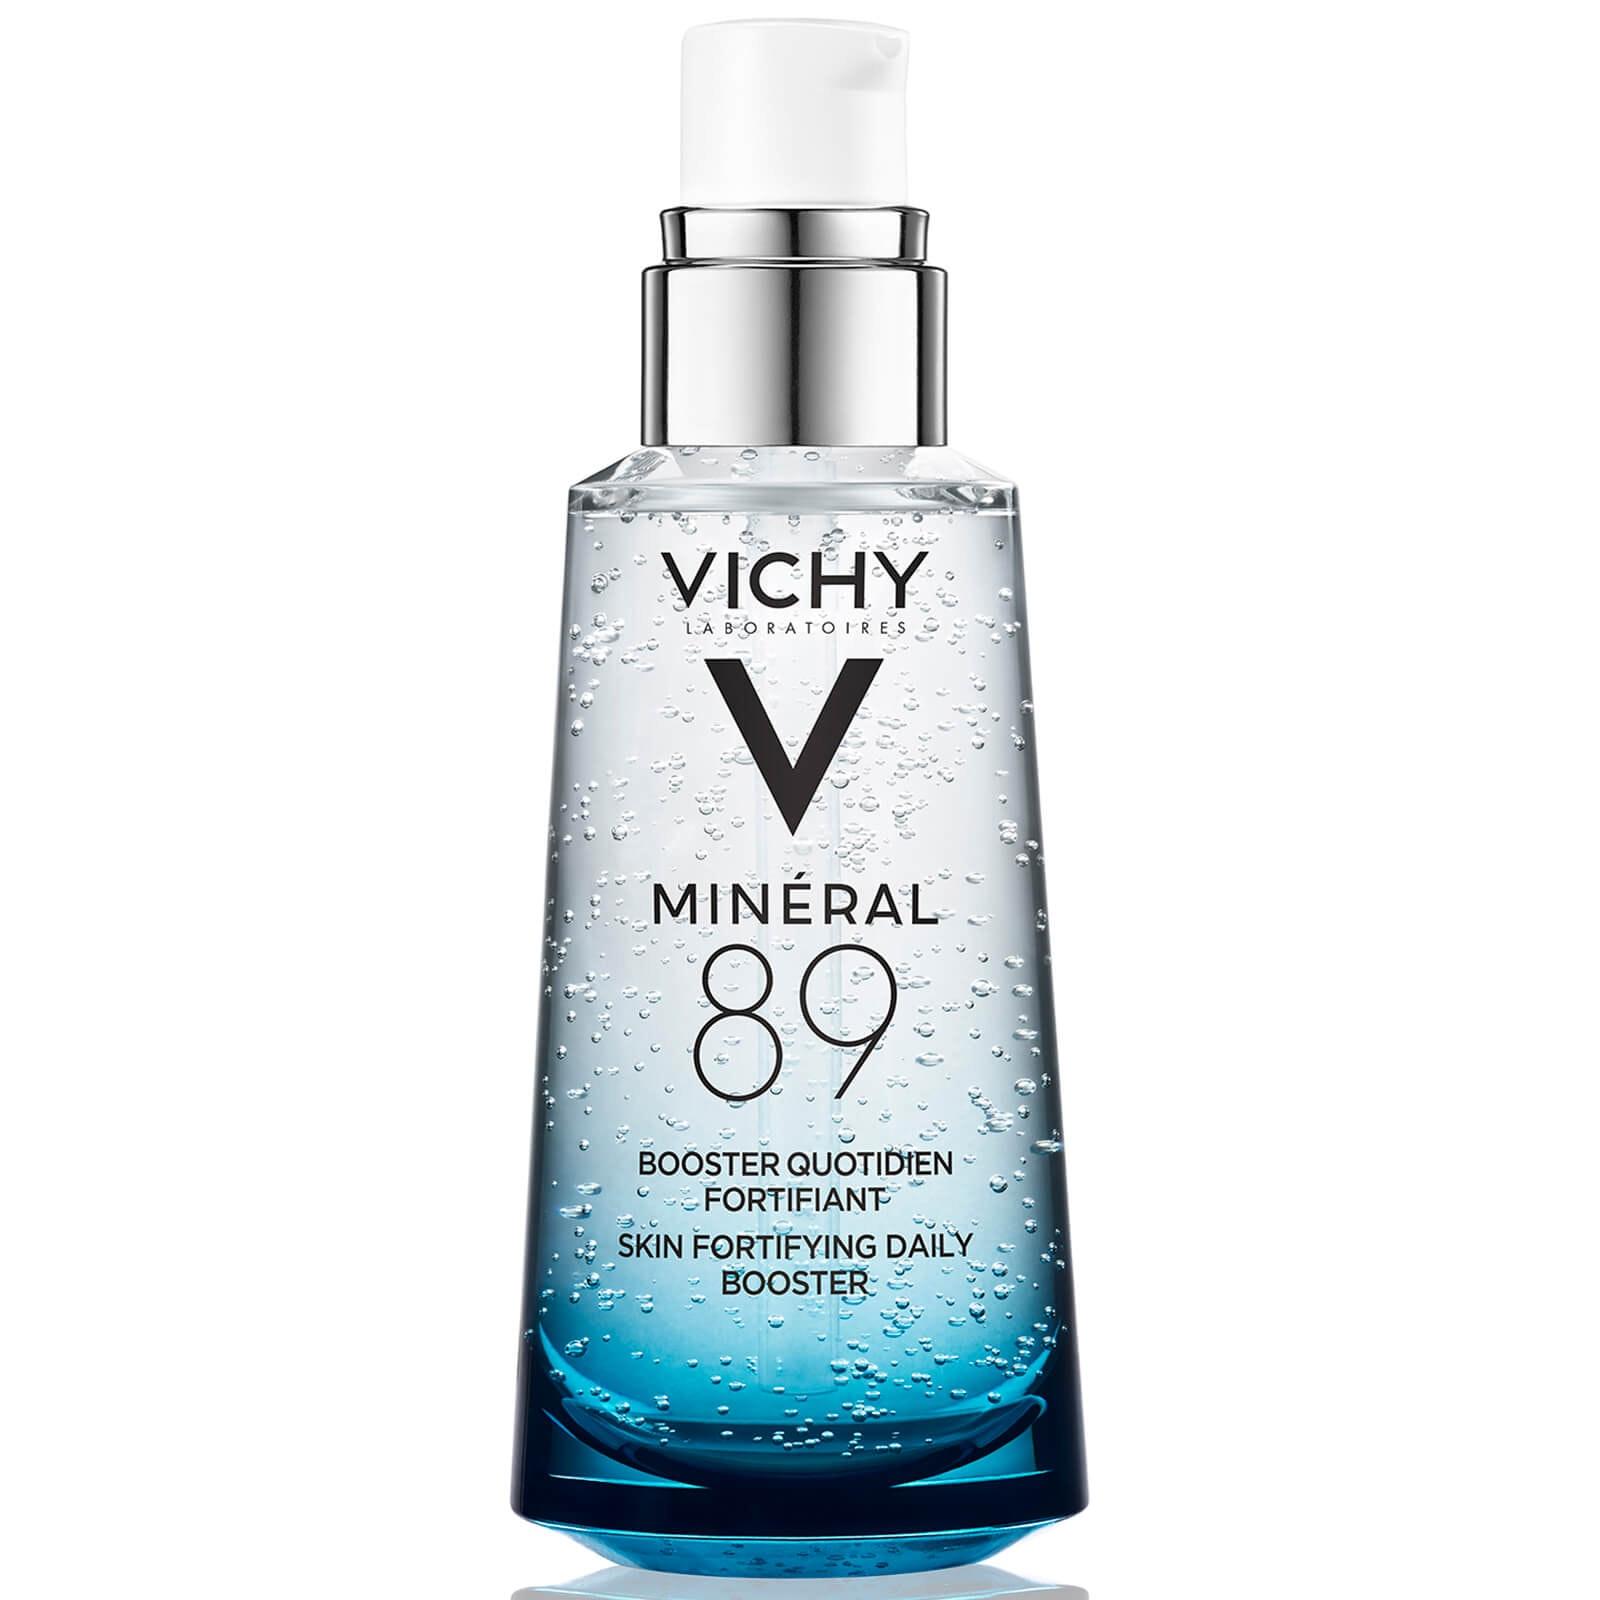 Vichy®